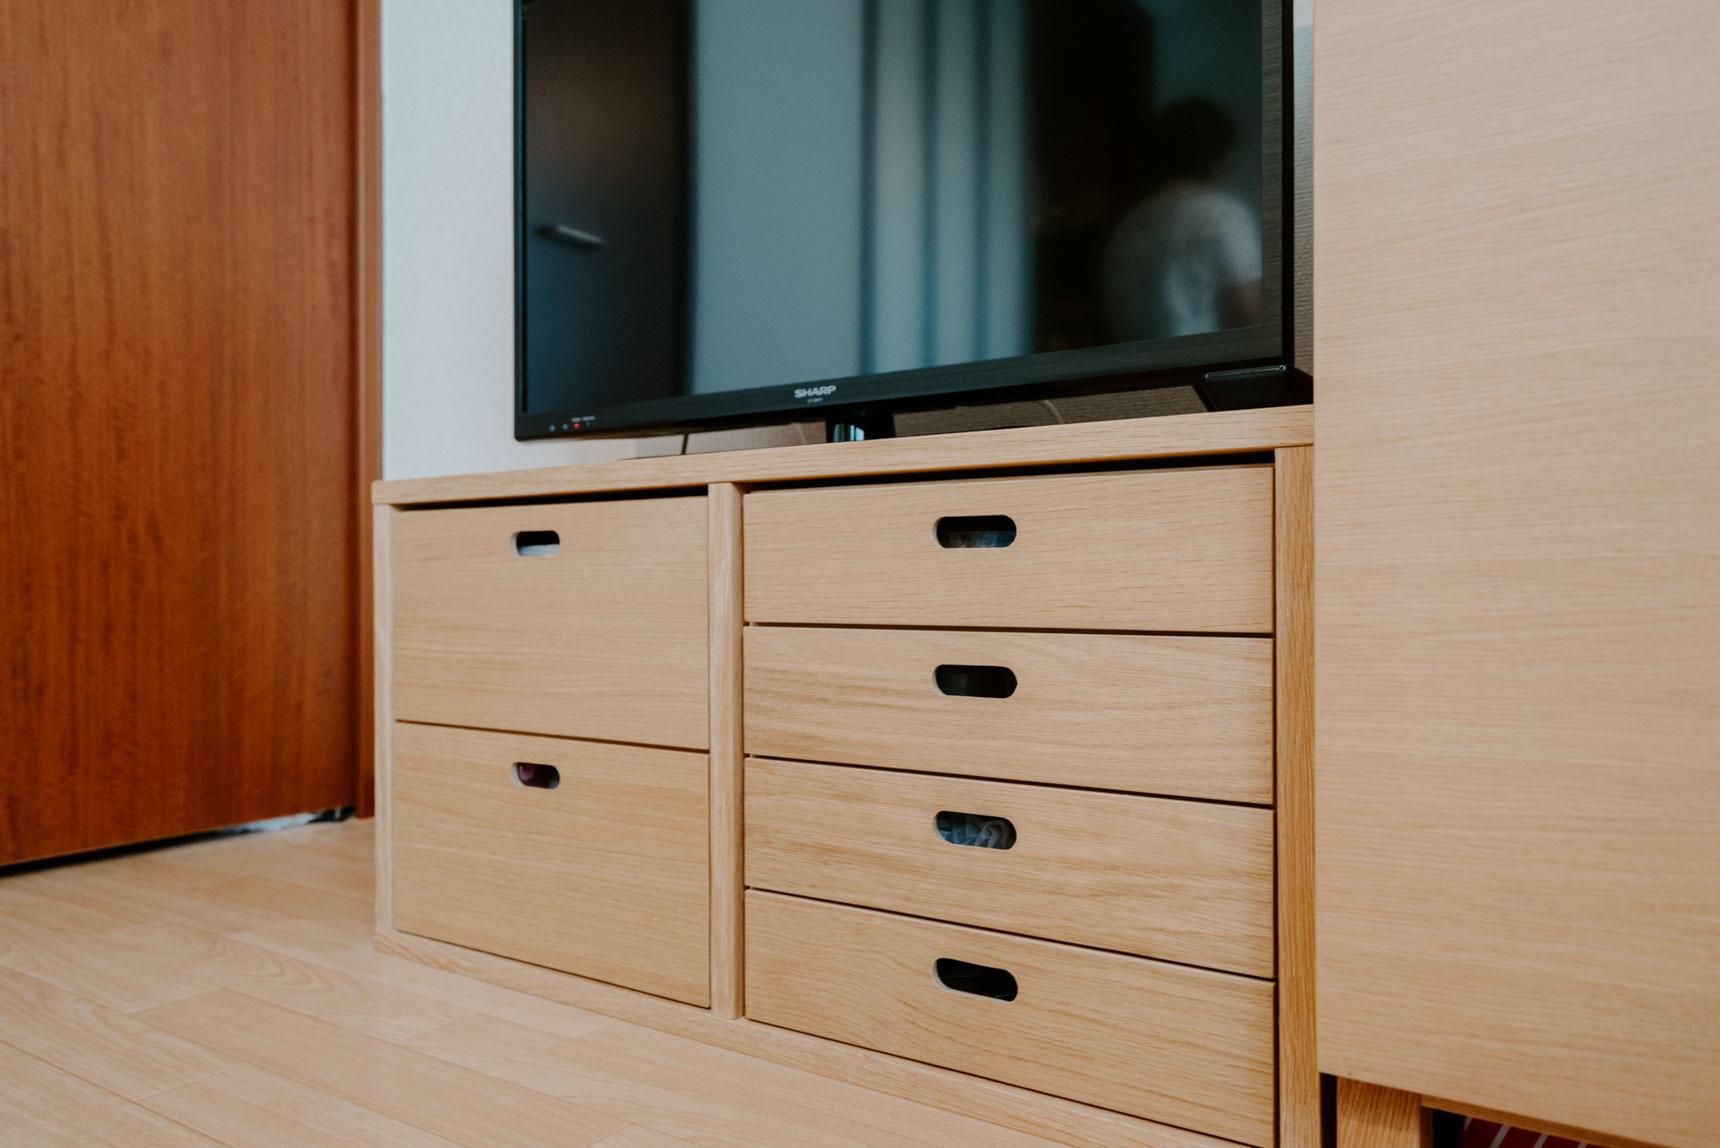 自分の好きな組み合わせで使える無印良品の「スタッキングシェルフ」をテレビボードに使ってる人も多し。こちらはミニマムな2マスの組み合わせ。中に入れる引き出しを足せば、機能的な棚になります。(このお部屋はこちら)